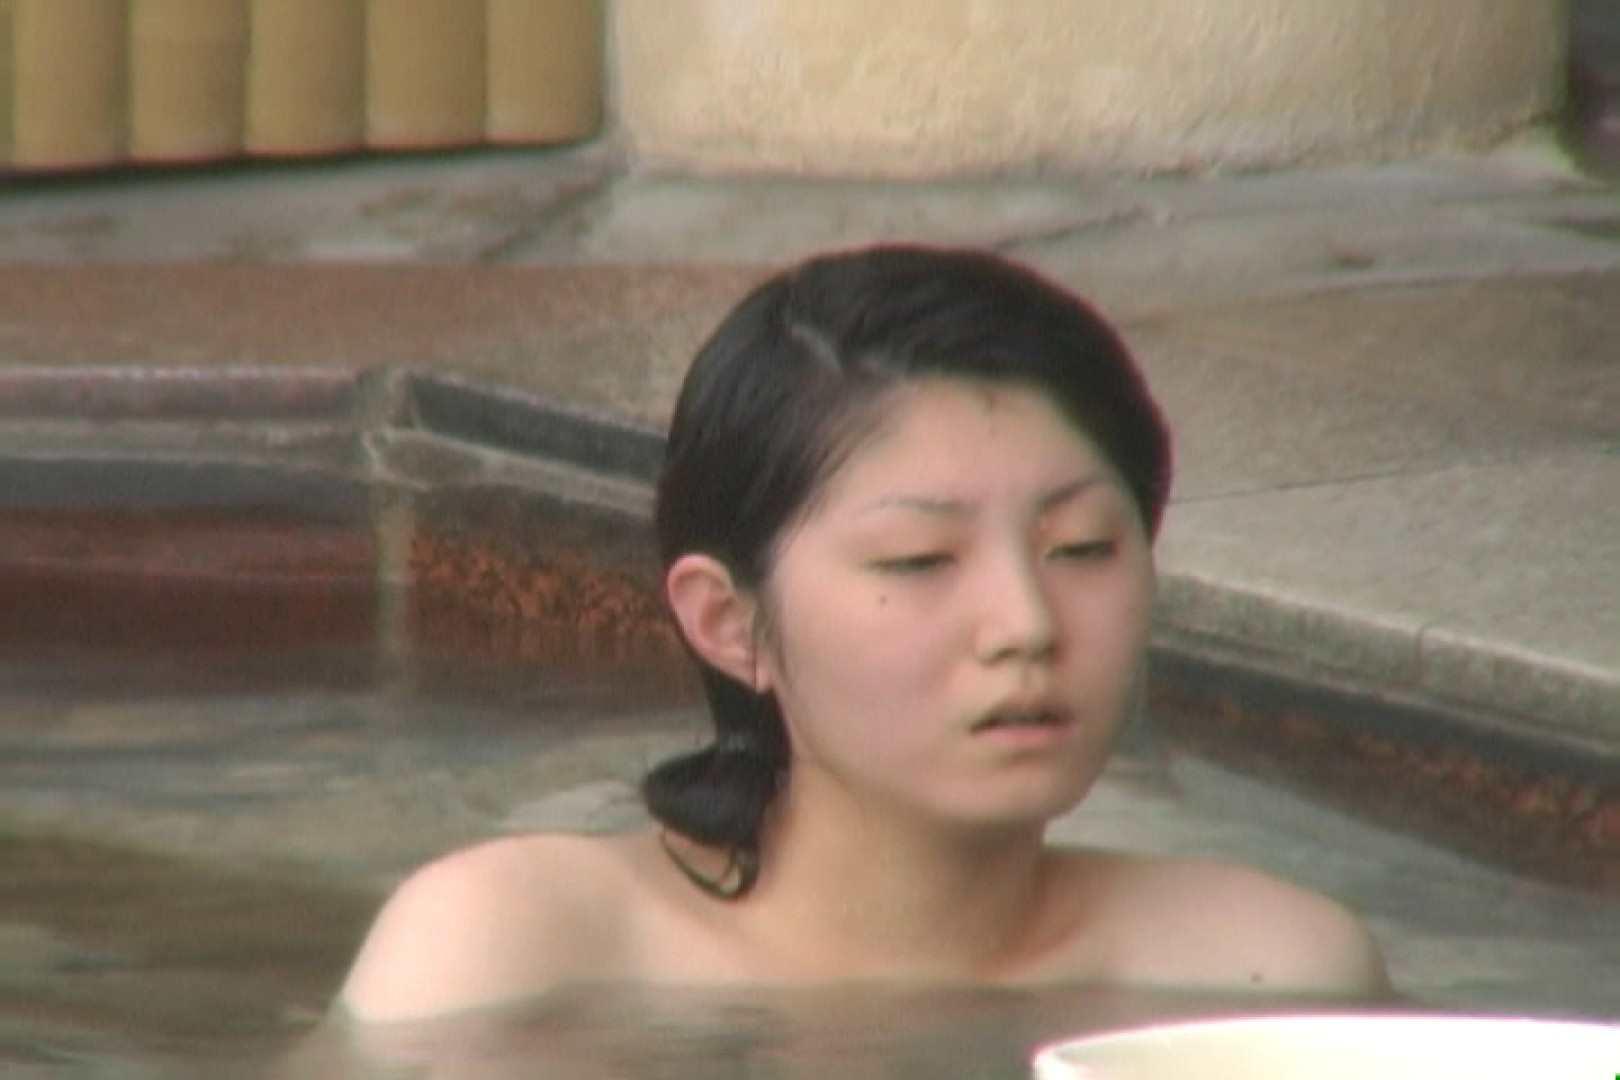 Aquaな露天風呂Vol.579 綺麗なOLたち | 盗撮  68枚 52